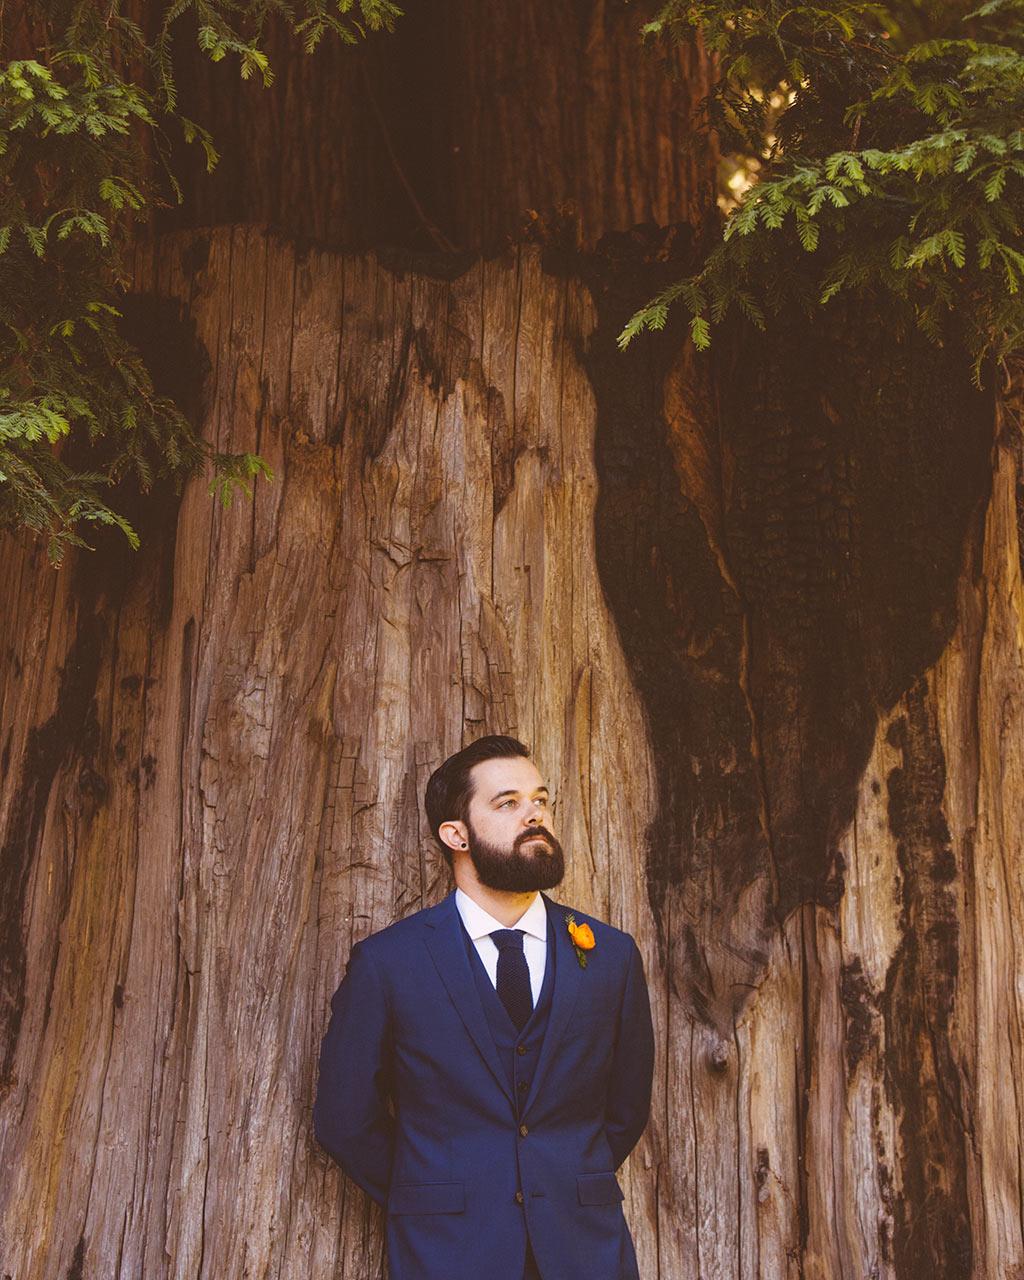 novio boda en un bosque de sequoias california fotógrafo de bodas asturias